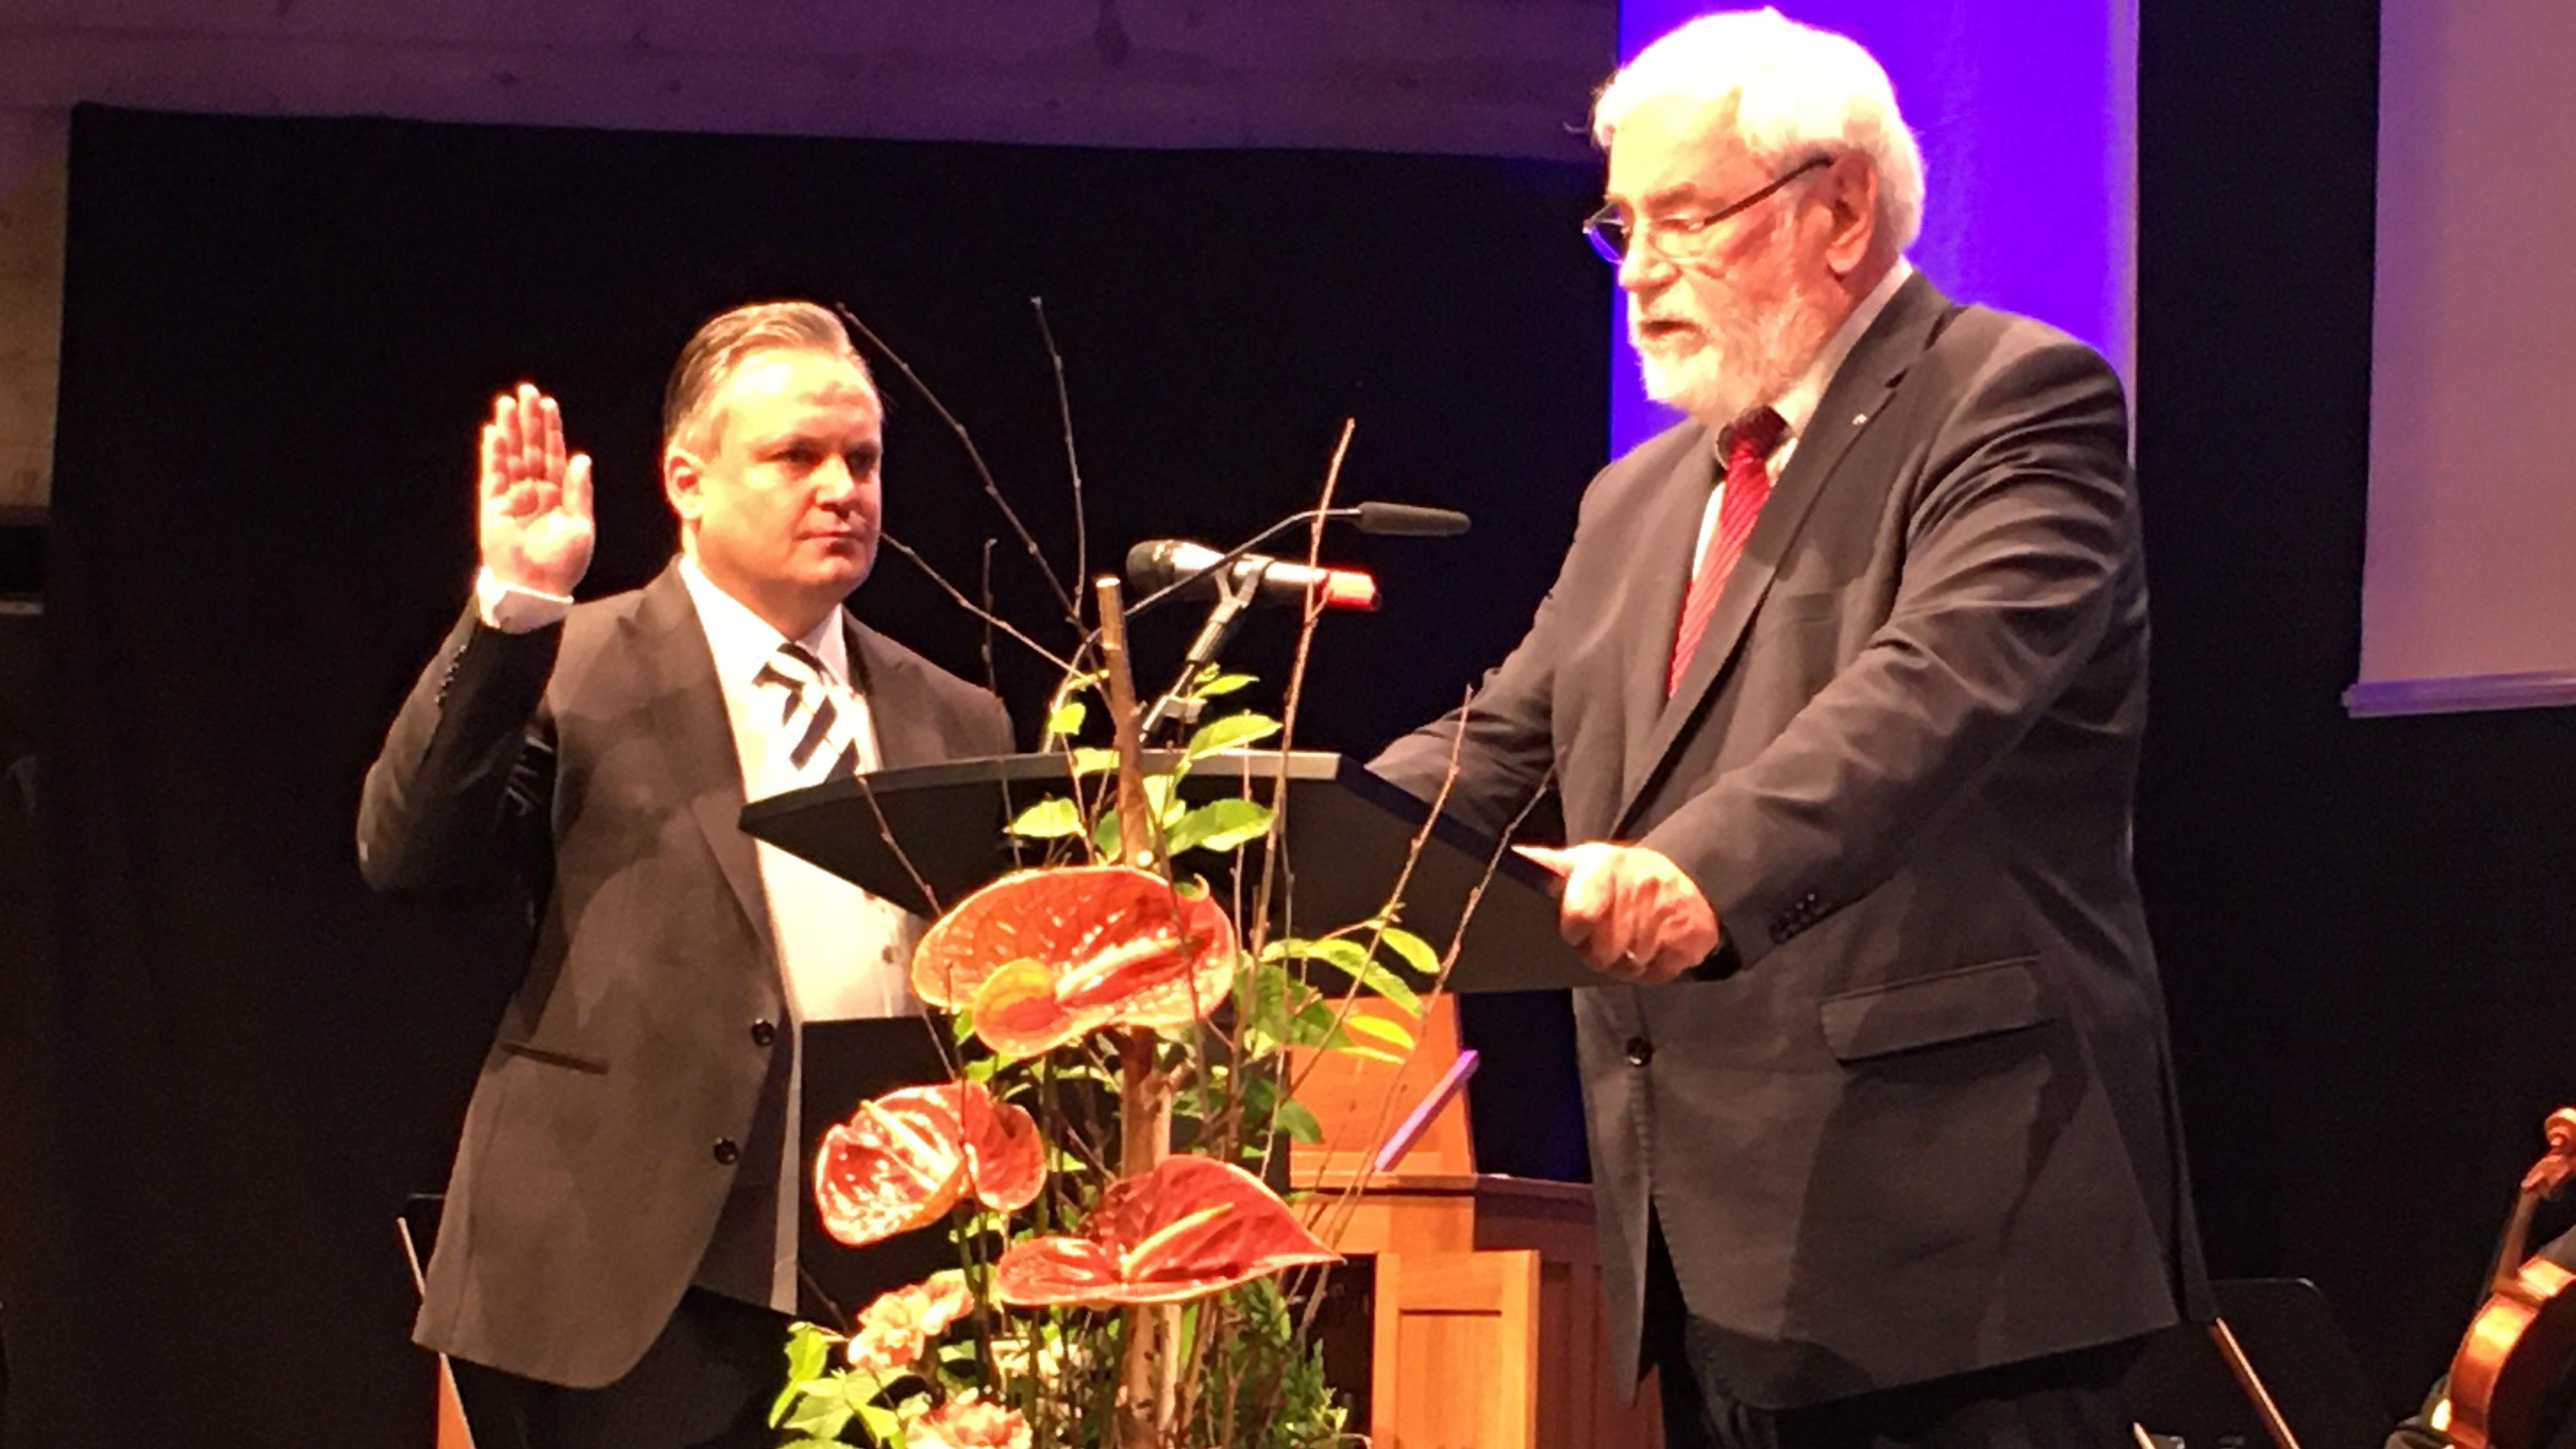 Vereidigung von Oberbürgermeister Christian Scharpf.